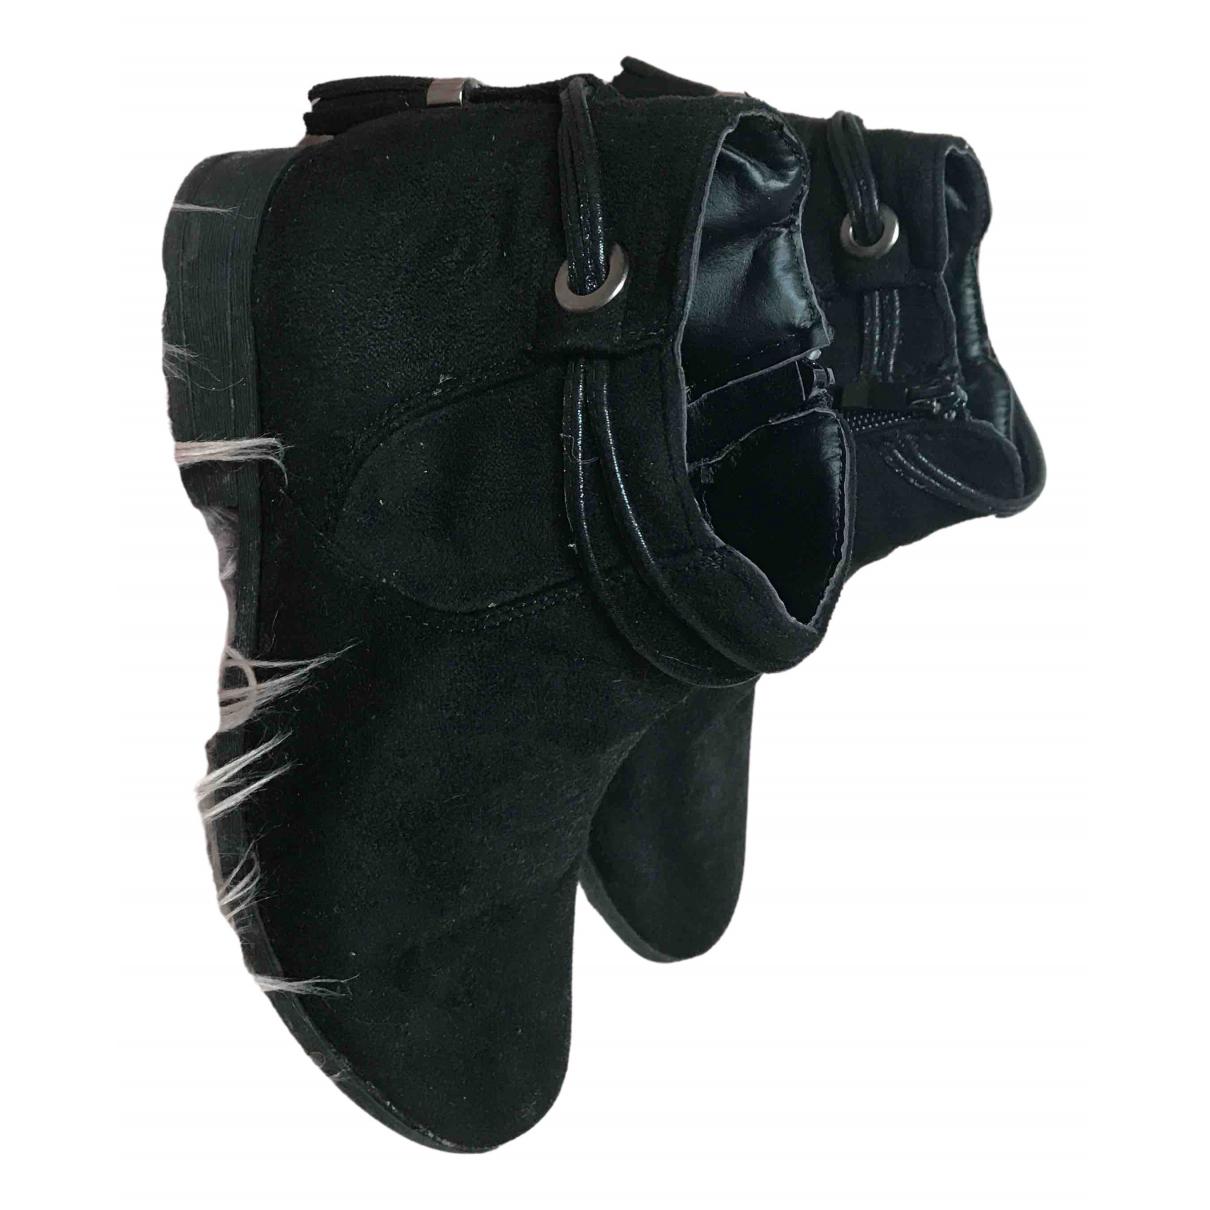 H&m Studio N Black Glitter Boots for Kids 38 FR